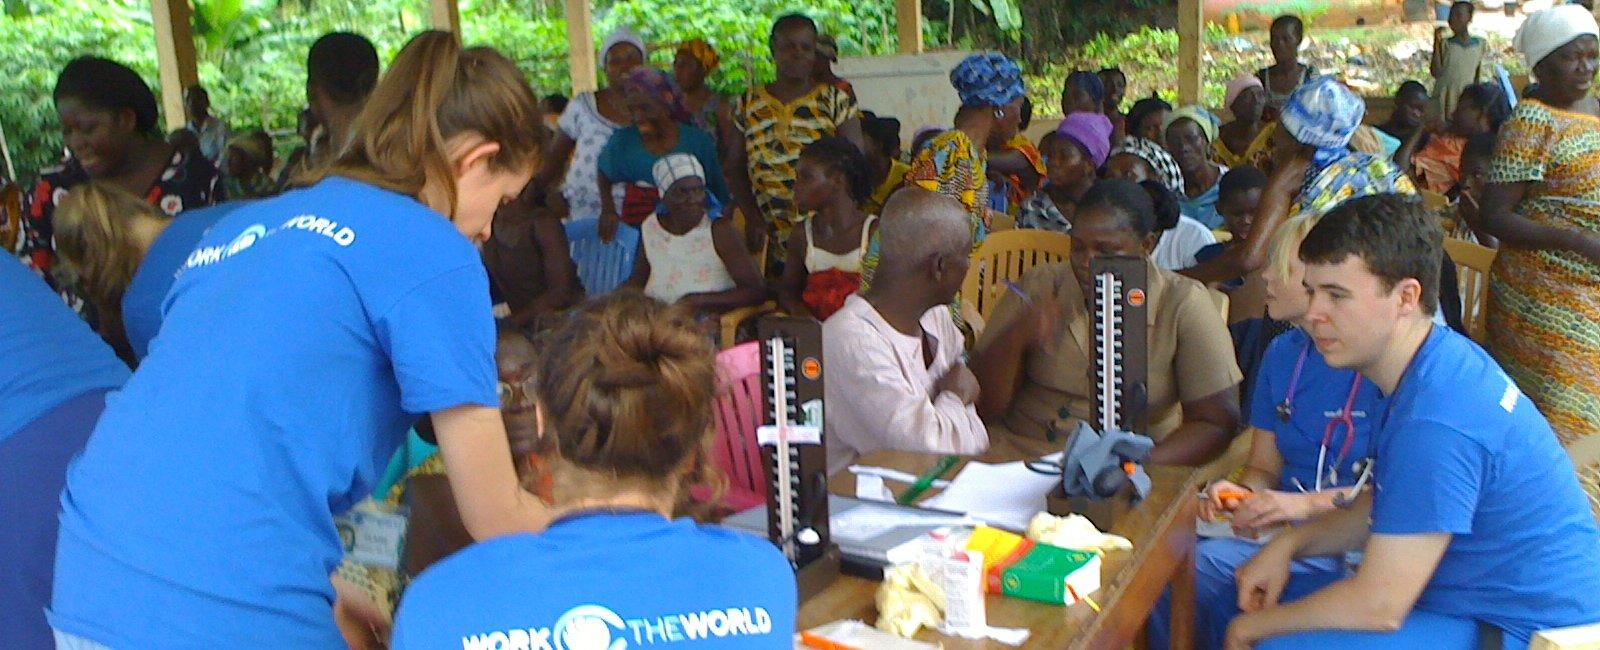 Andrew Moriarty - Medical Electives in Ghana Takoradi